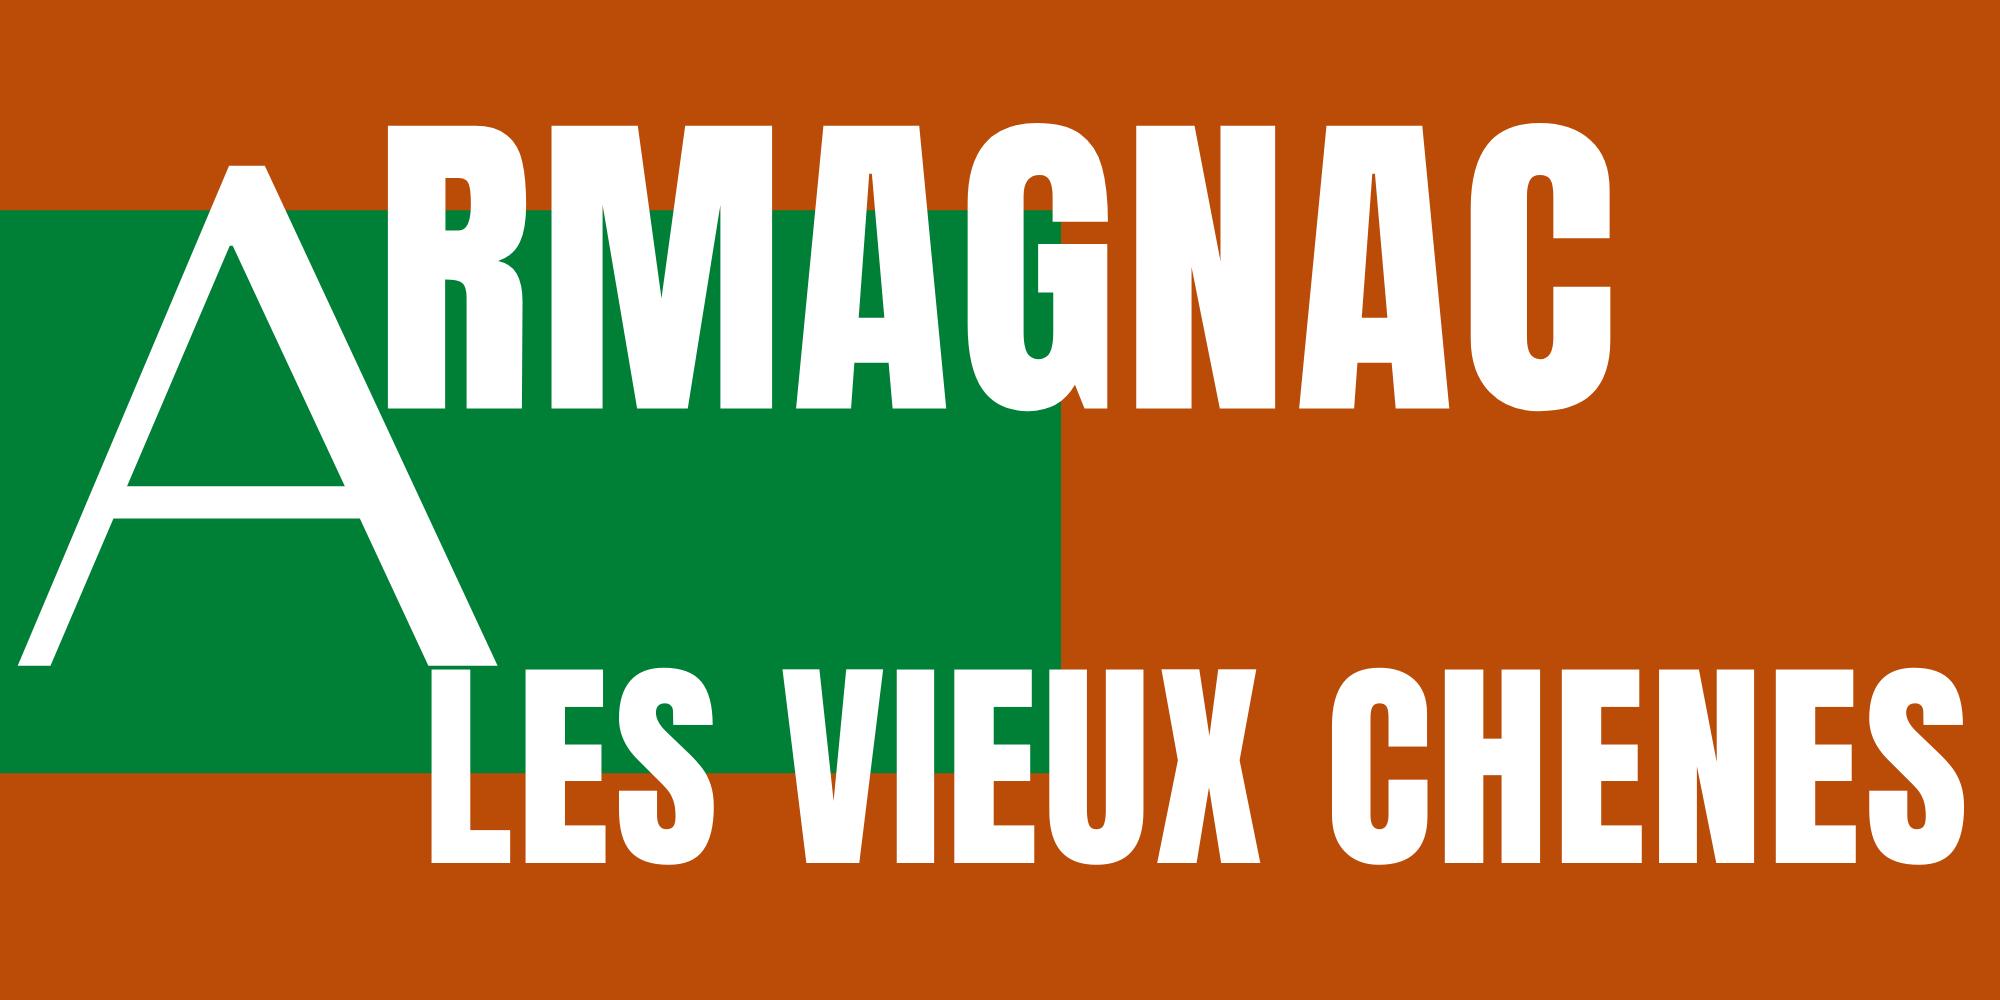 Armagnac les vieux chênes